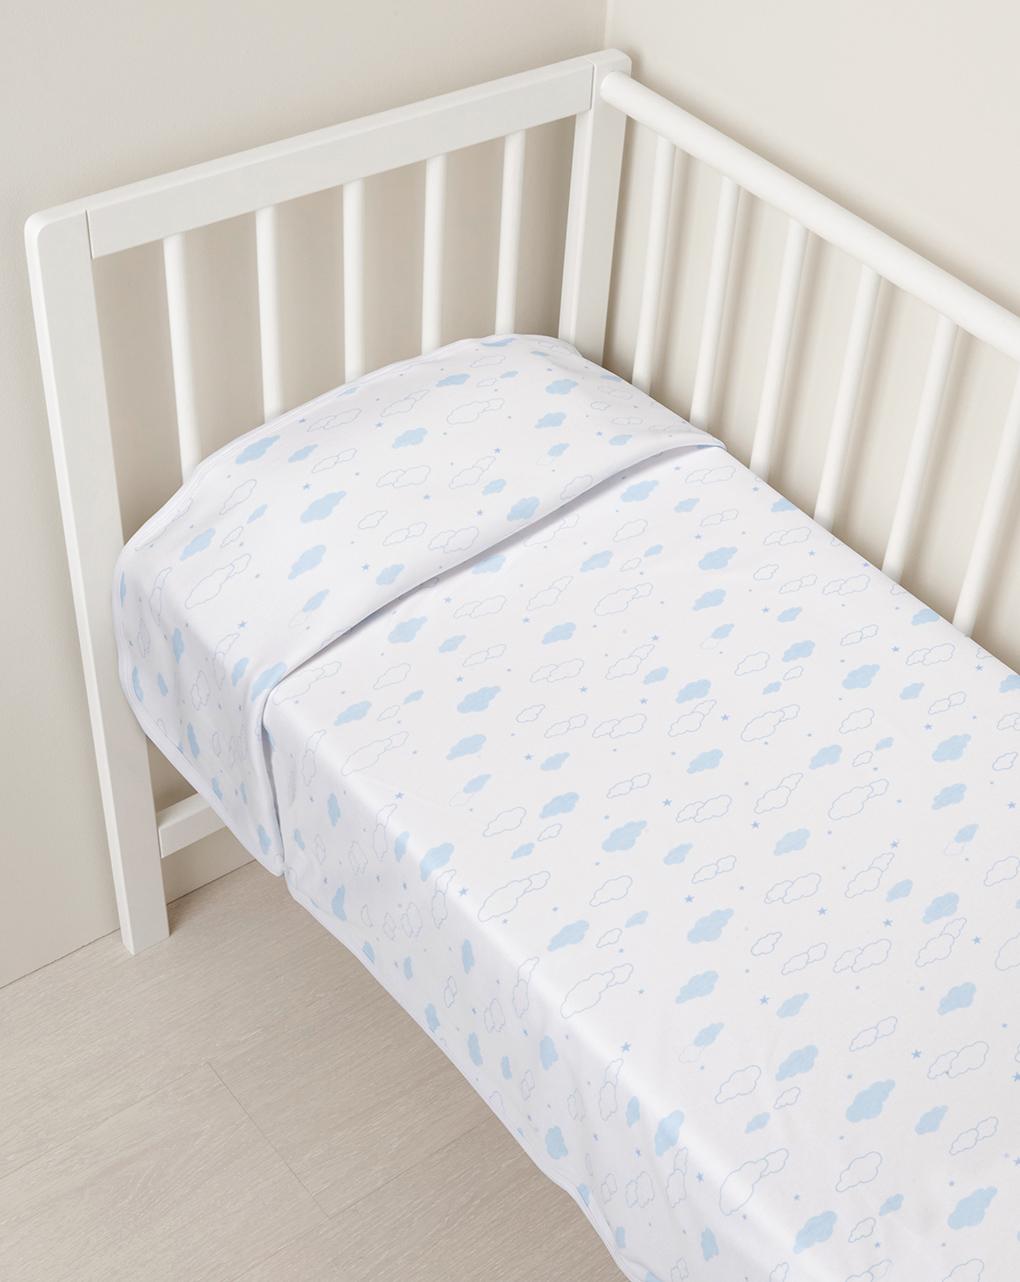 Κουβέρτα με Γαλάζια Σύννεφα για Αγόρι - 85 x 75 cm